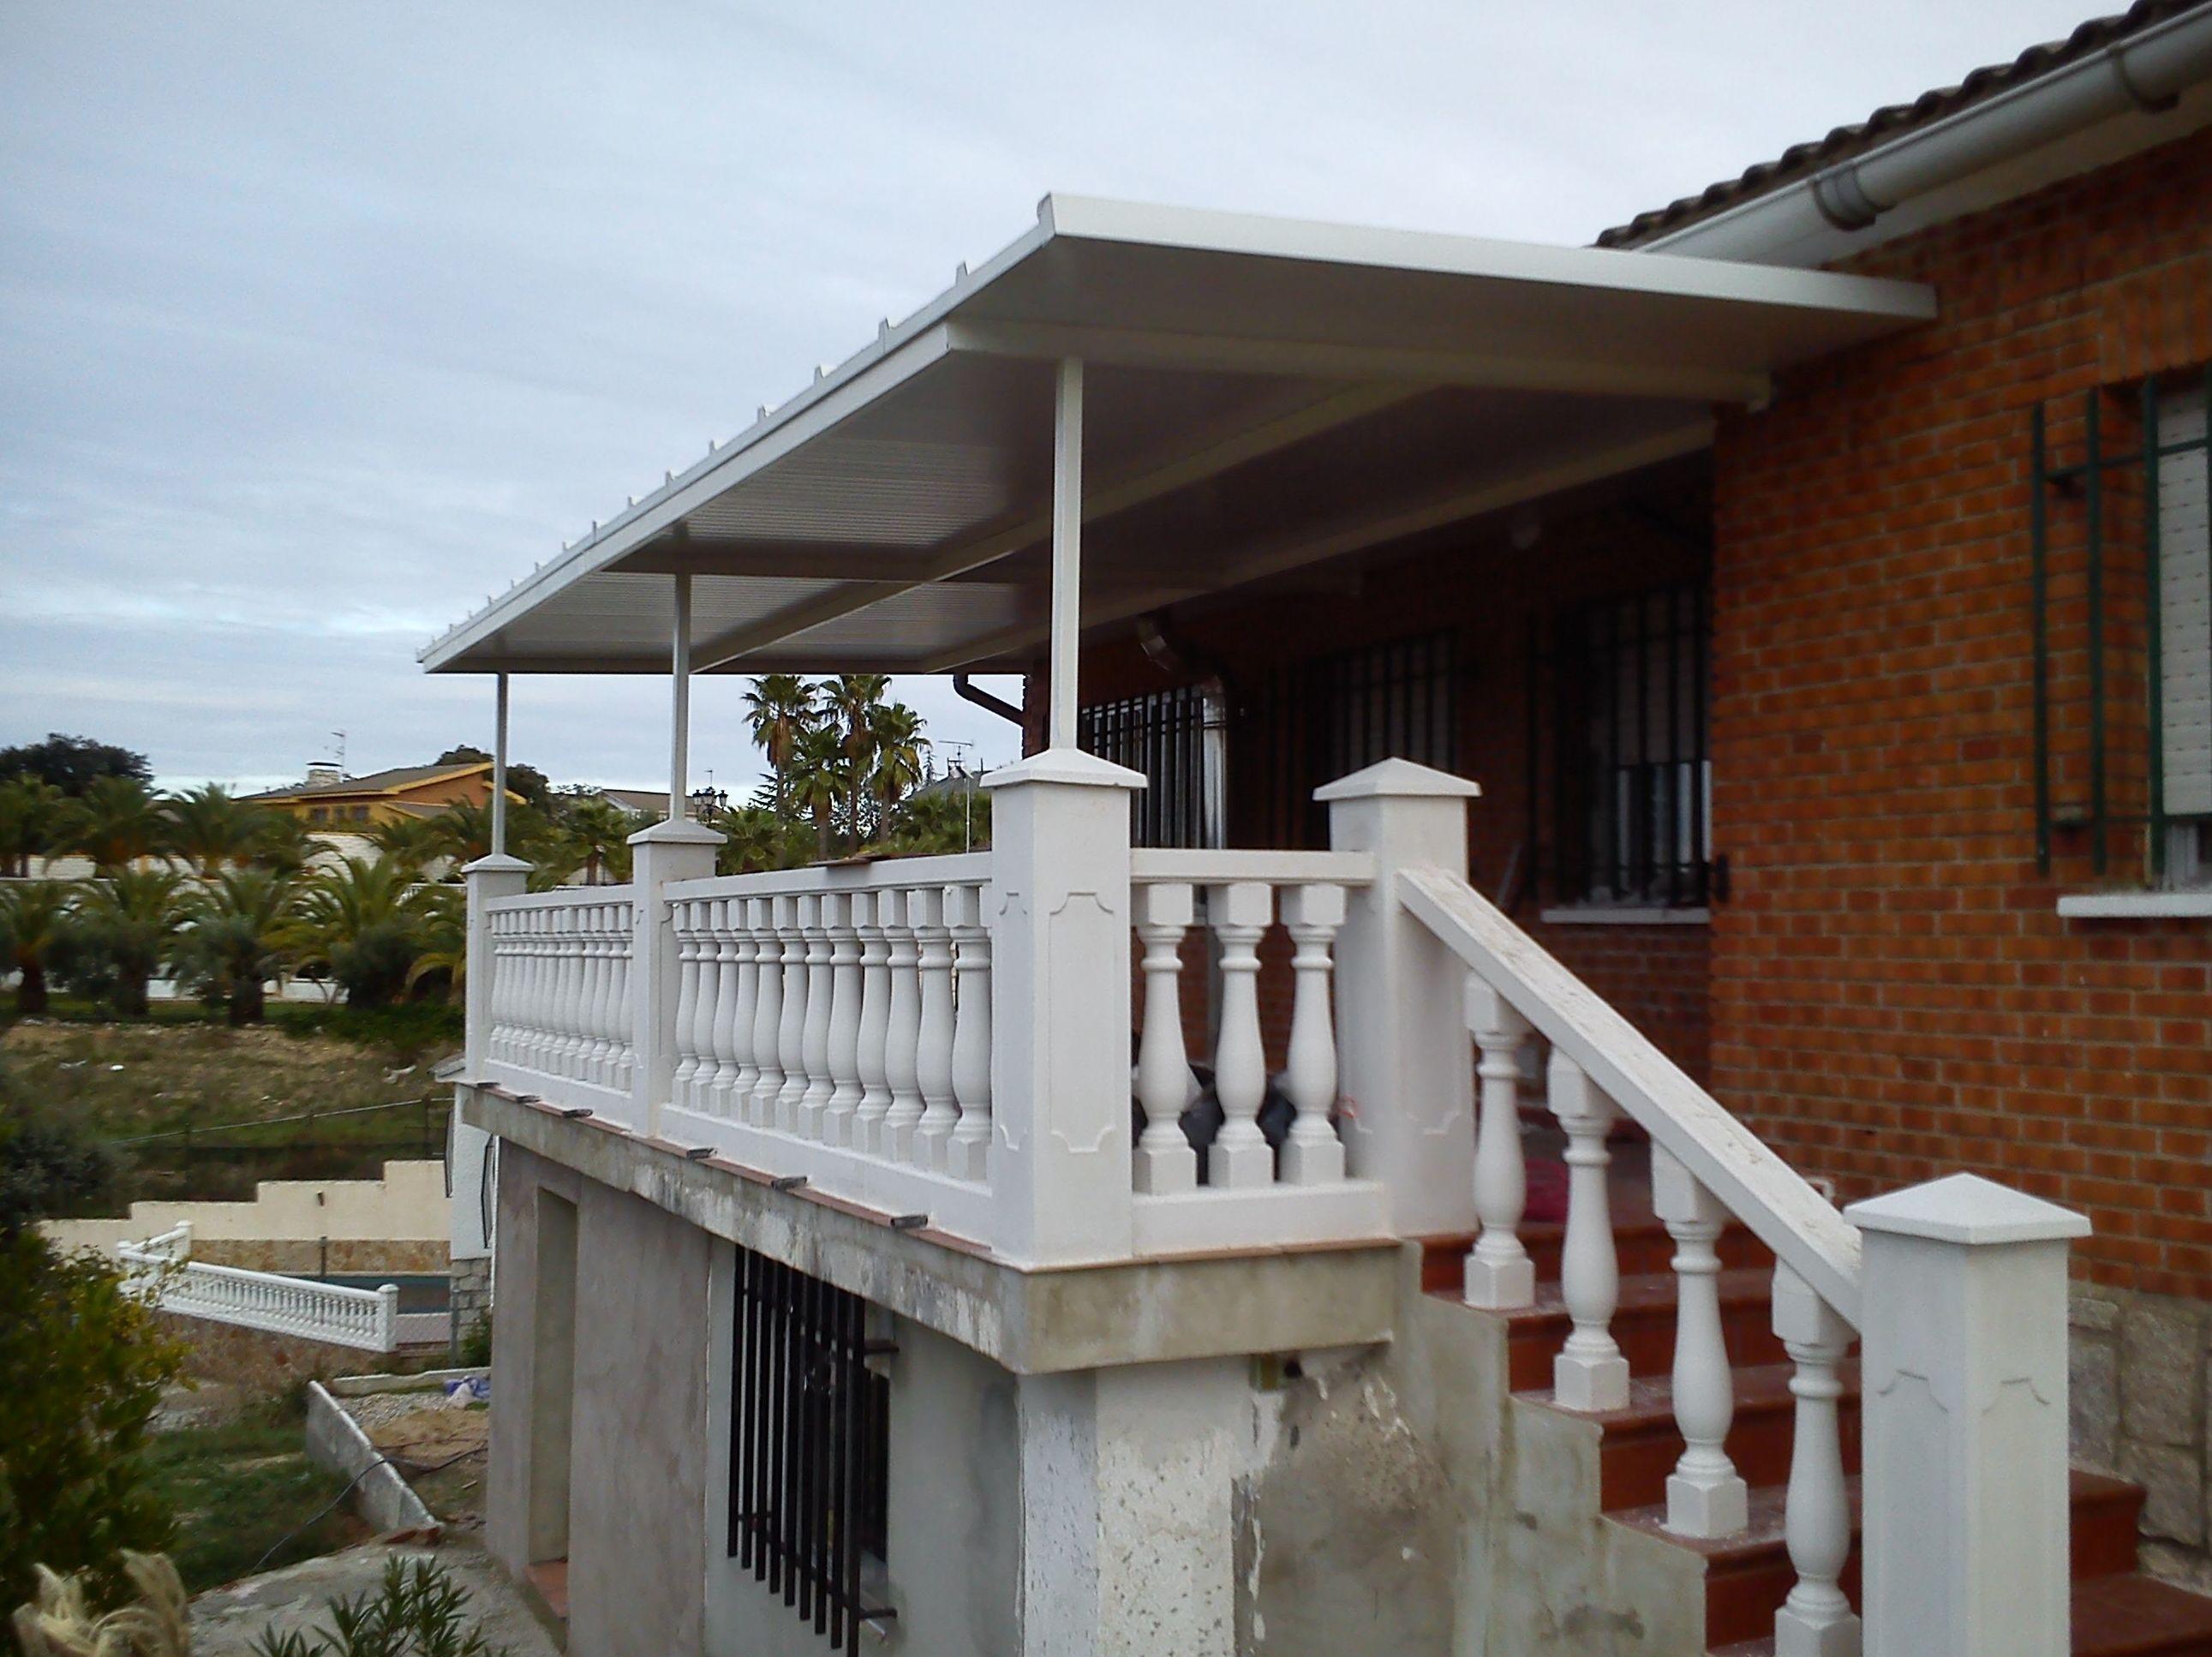 Cubierta de terraza.